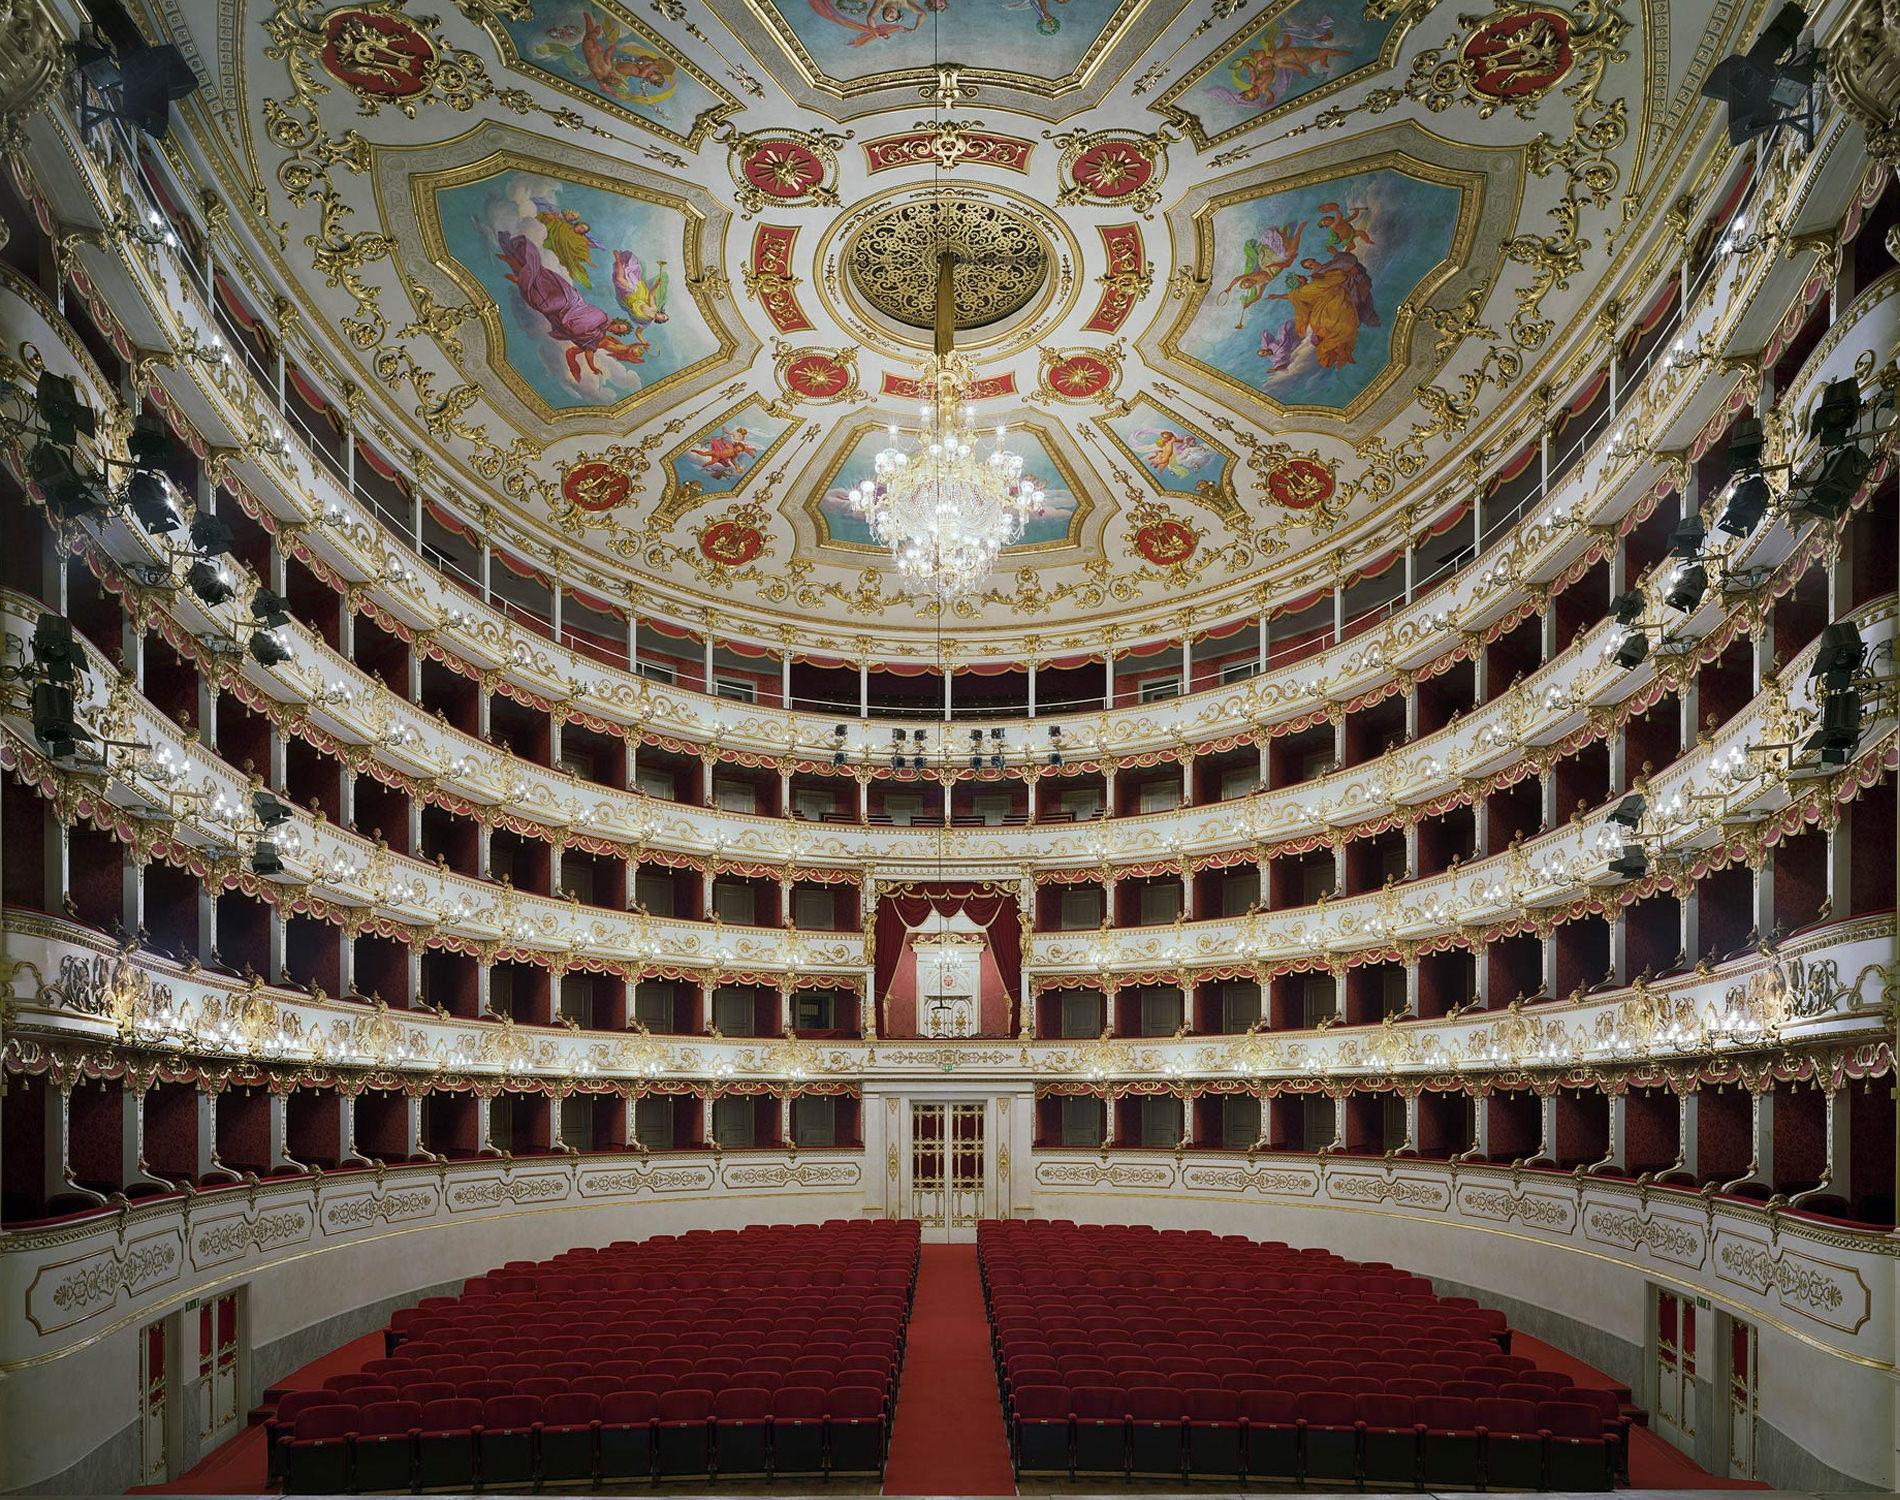 Opera Teatro Municipale Valli Regio Emilie Italie 2010